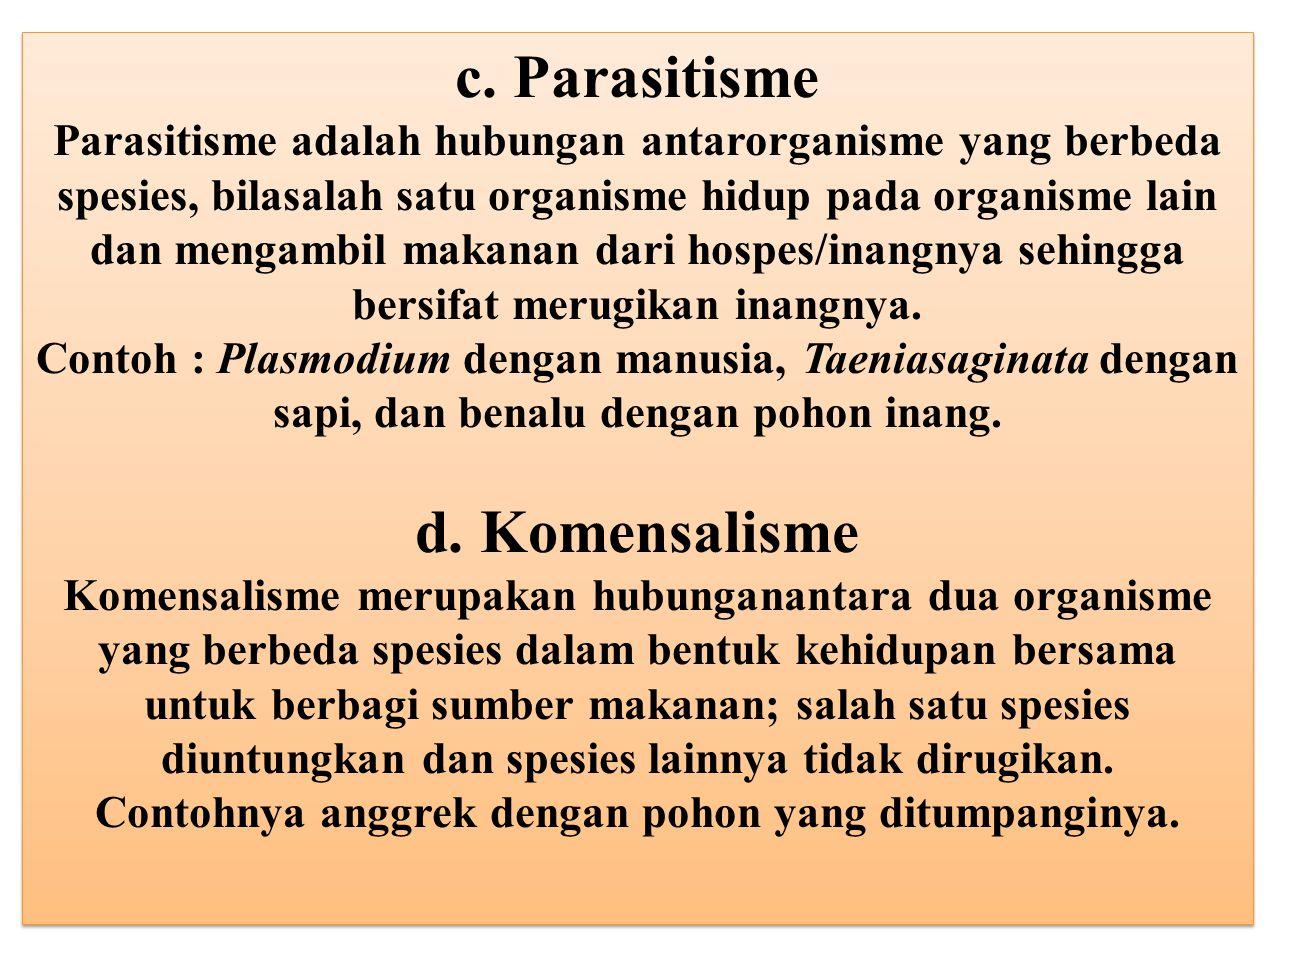 c. Parasitisme Parasitisme adalah hubungan antarorganisme yang berbeda spesies, bilasalah satu organisme hidup pada organisme lain dan mengambil makan